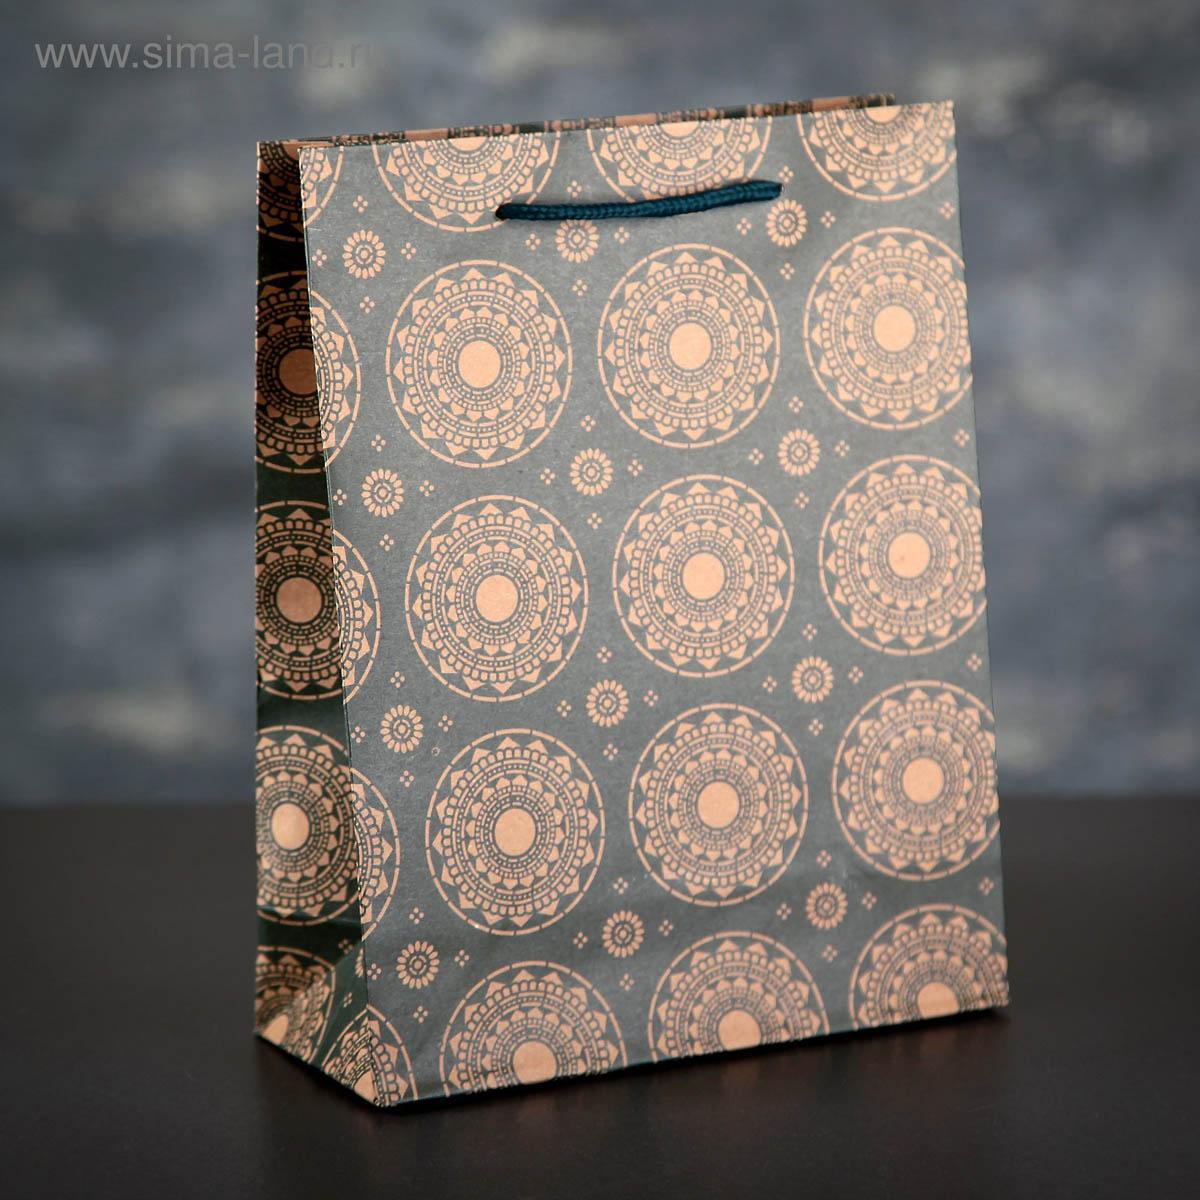 1258424 Пакет крафт 'Ажурные круги', 19*24*8 см